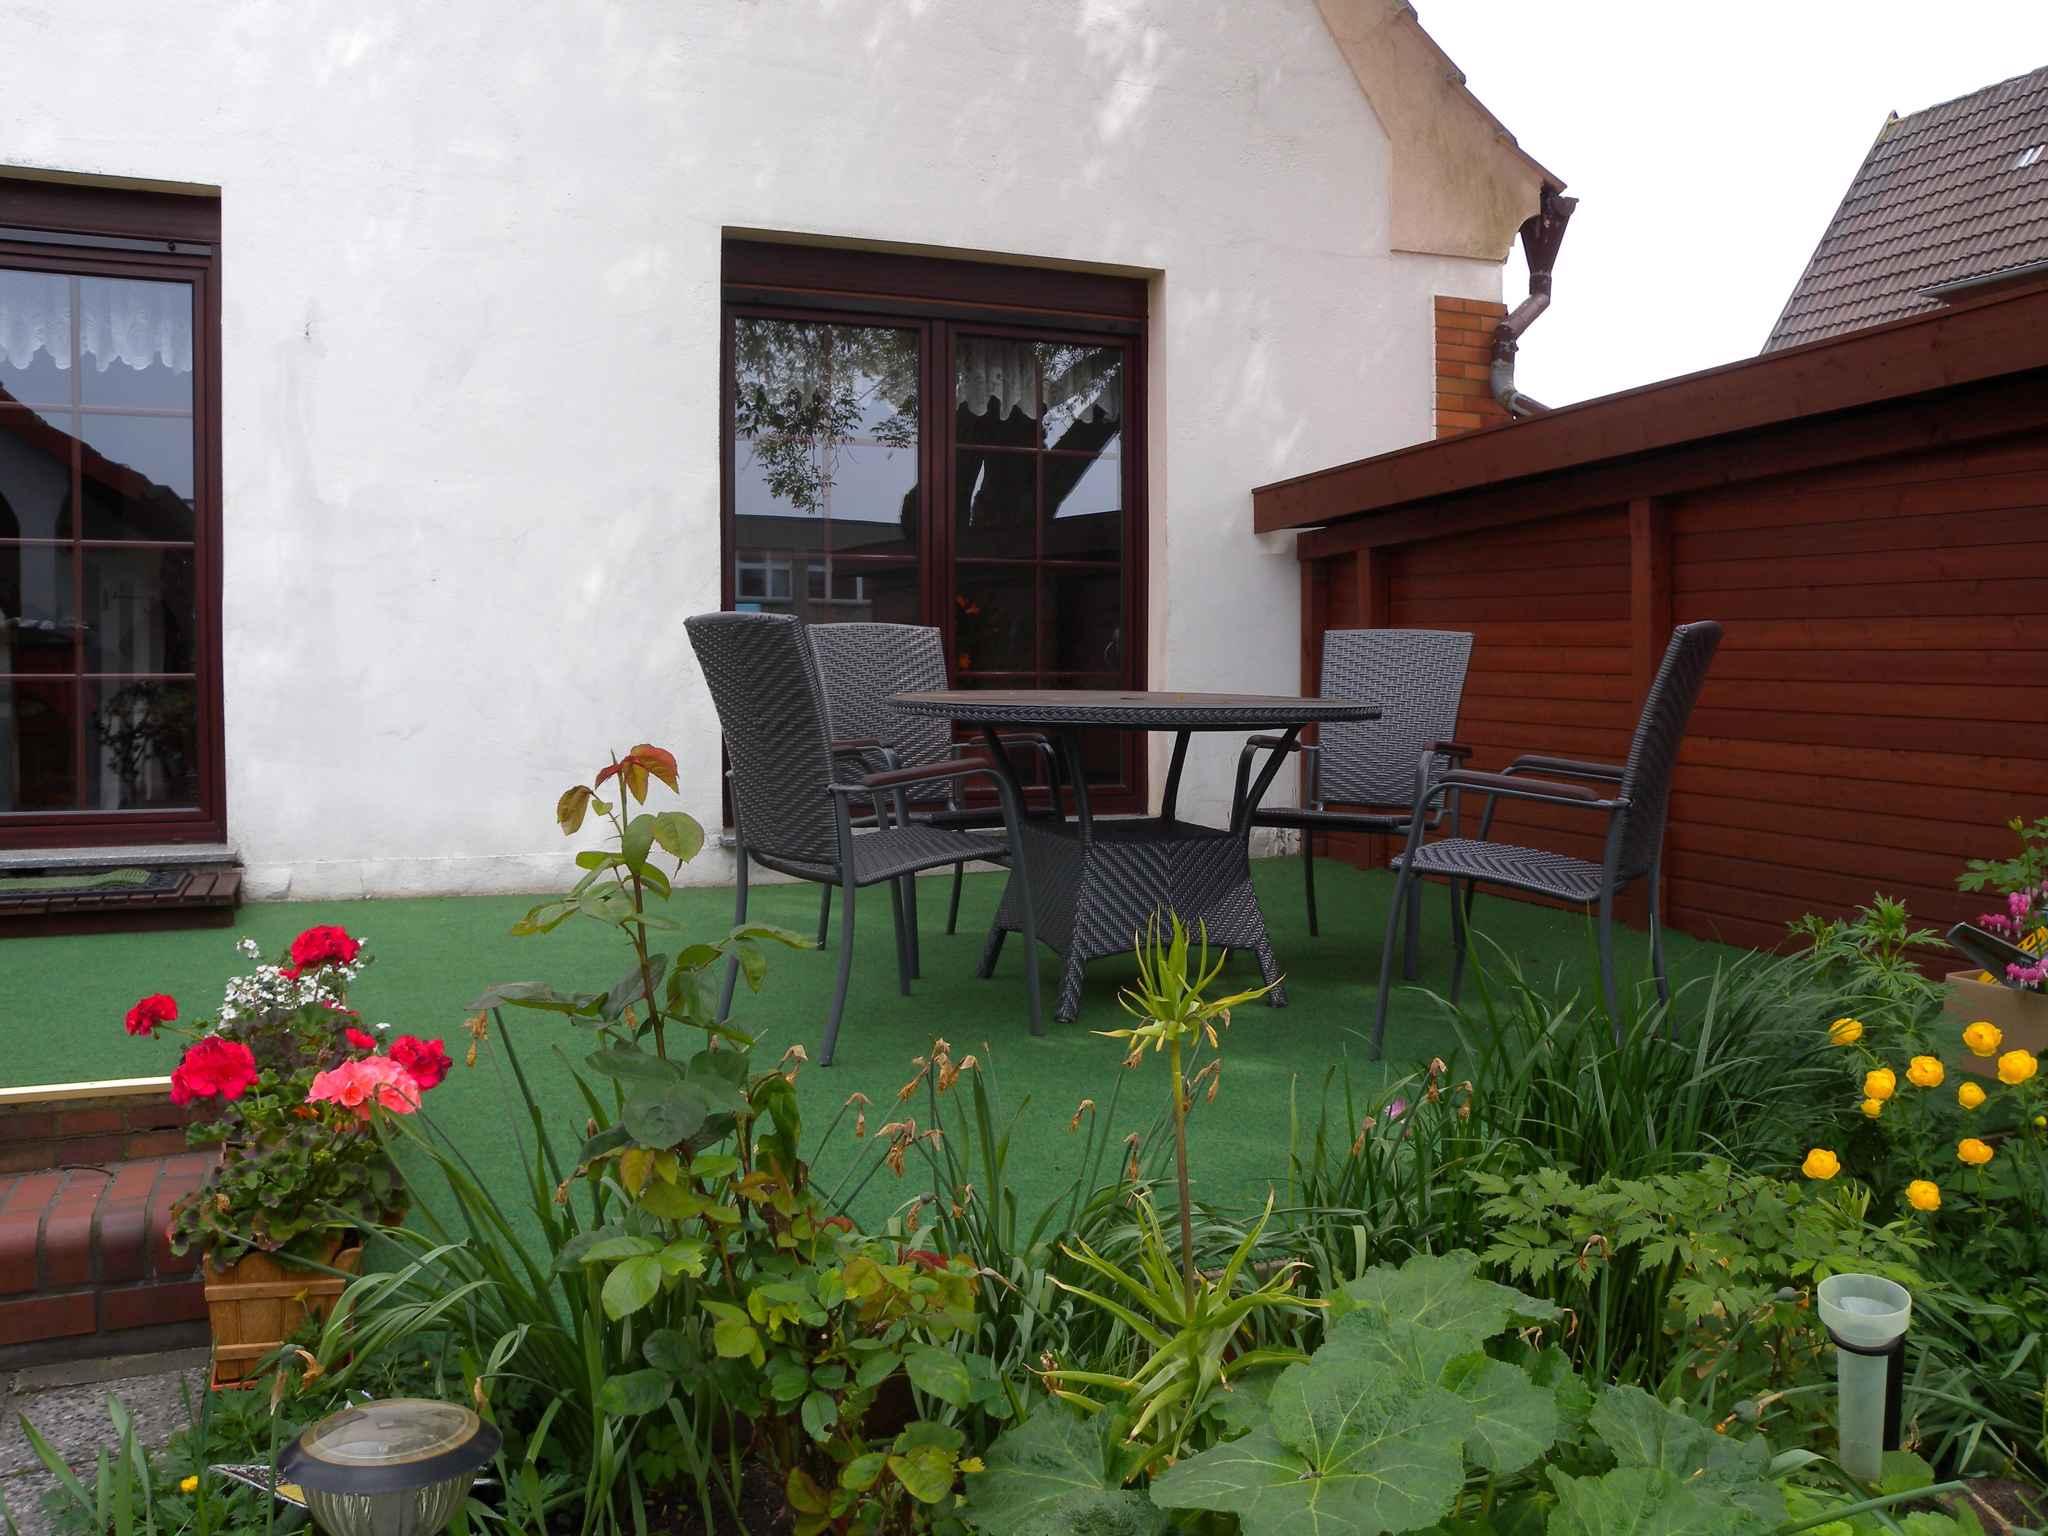 Ferienwohnung mit Terrasse und Garten (311984), Bergen (Rügen), Rügen, Mecklenburg-Vorpommern, Deutschland, Bild 3